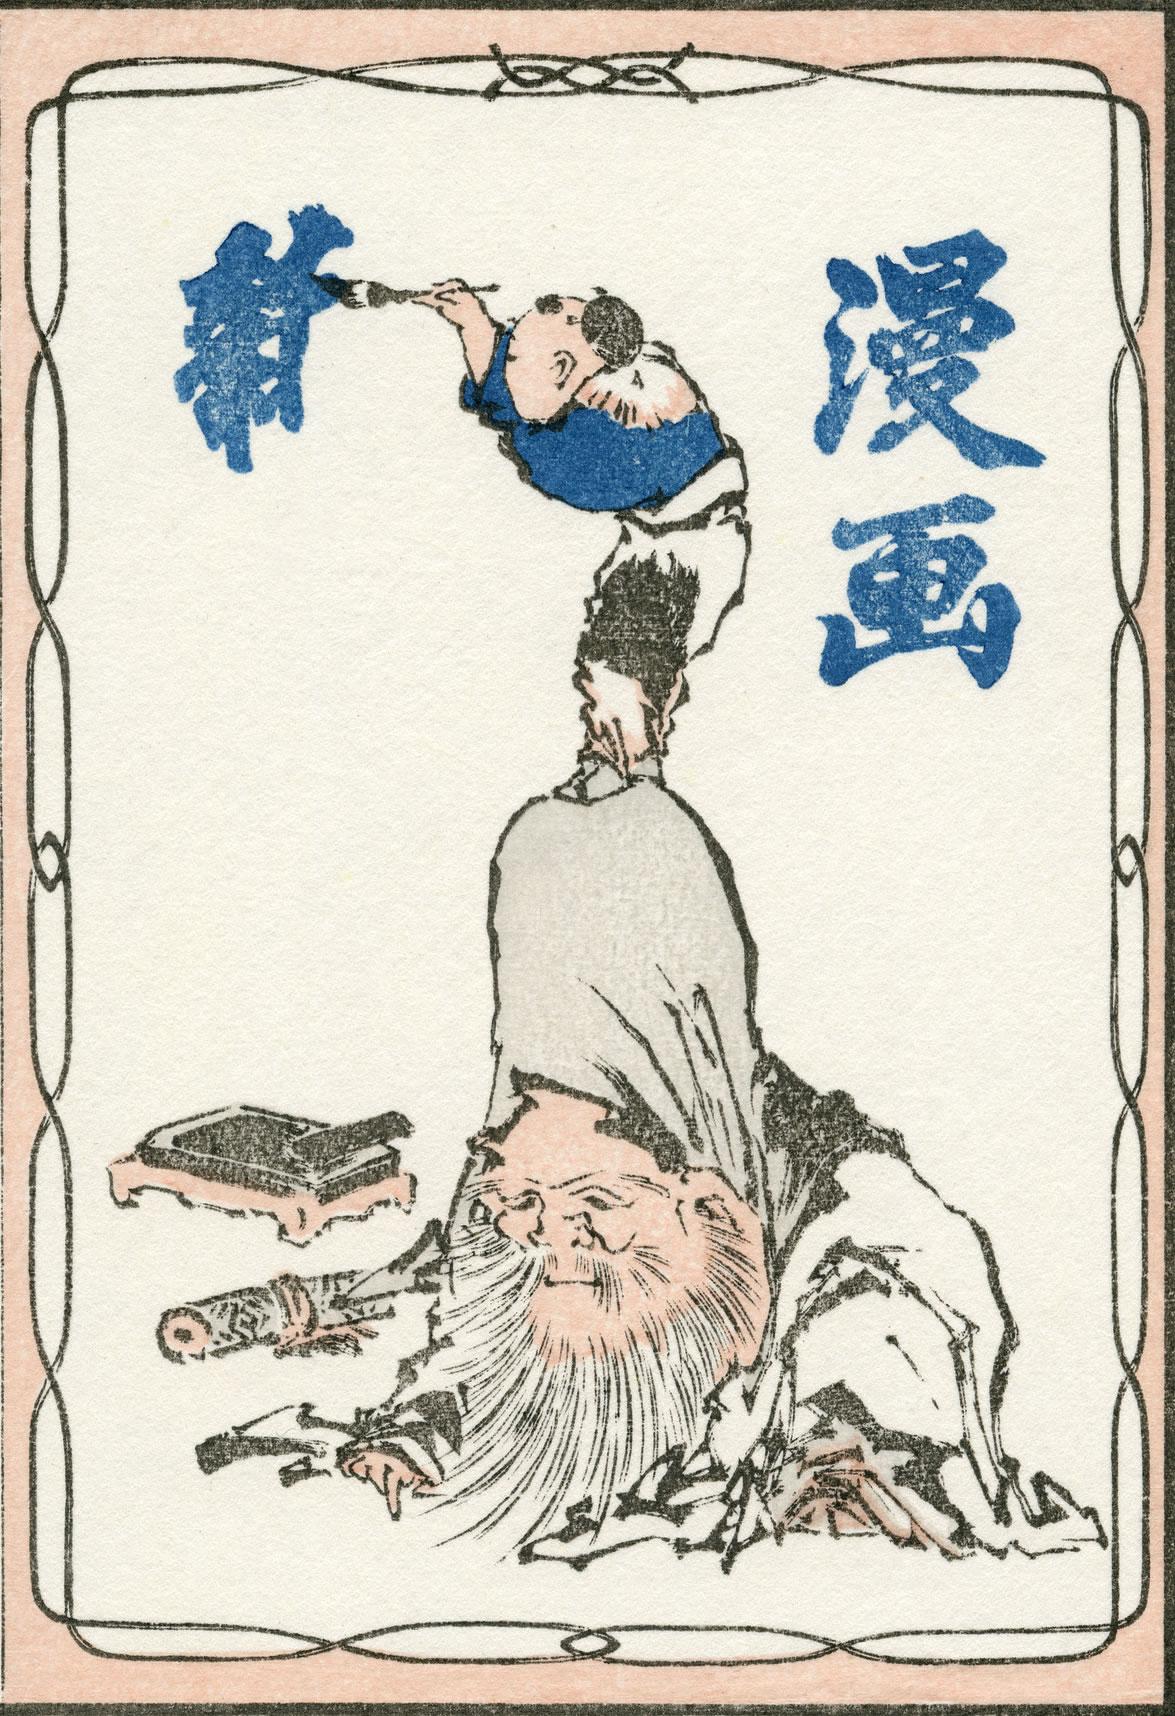 Katsushika Hokusai Hokusai Manga, 11 c.1823-1833 © UNSODO. Inc